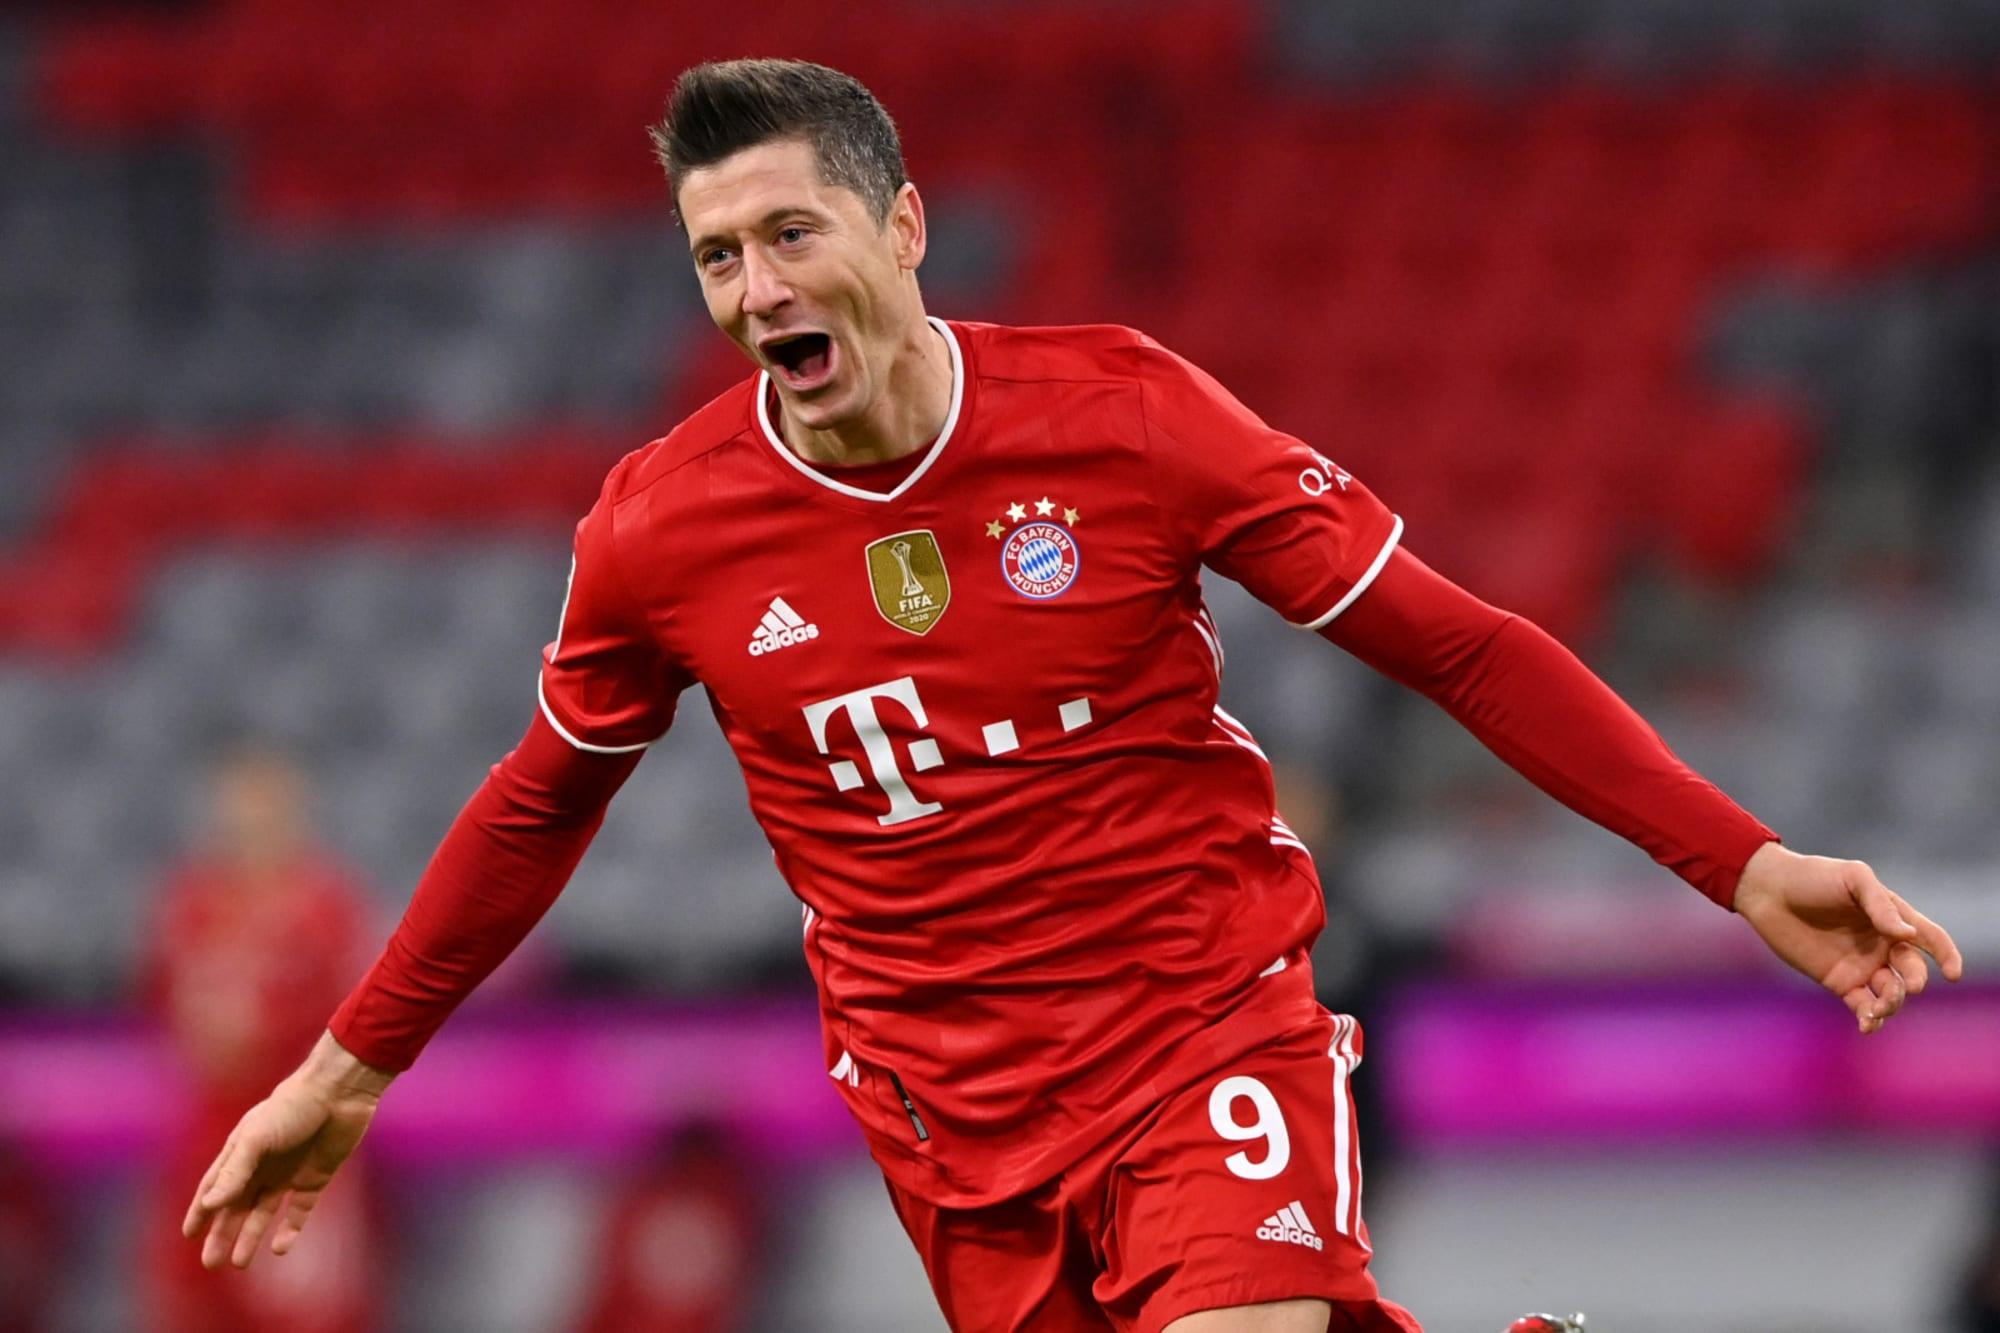 Bayern Munich Robert Lewandowski Flexible About Future